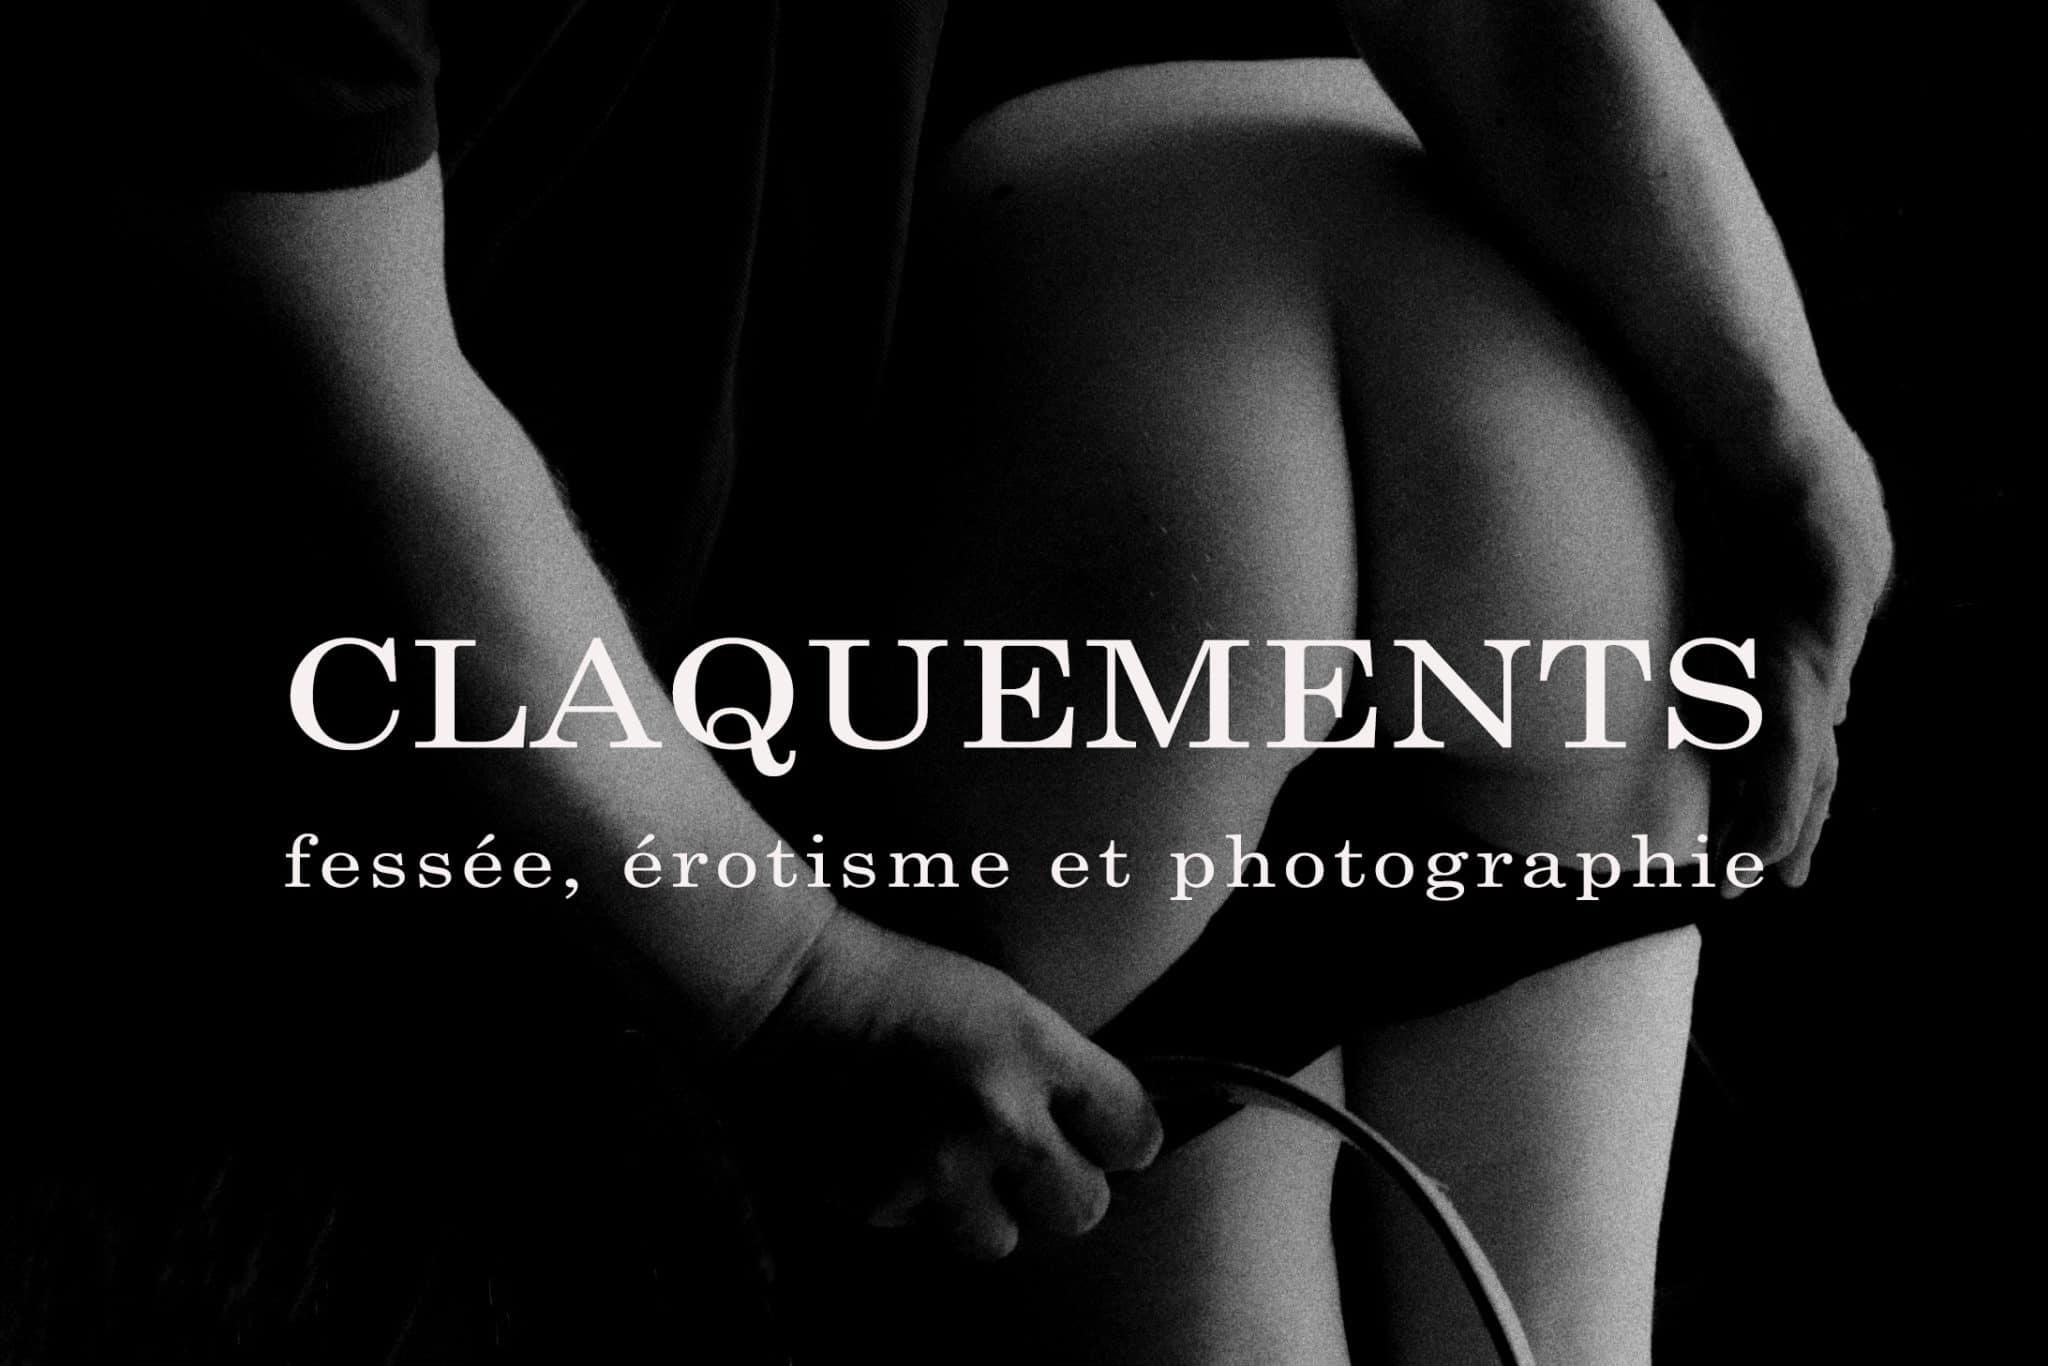 Claquements